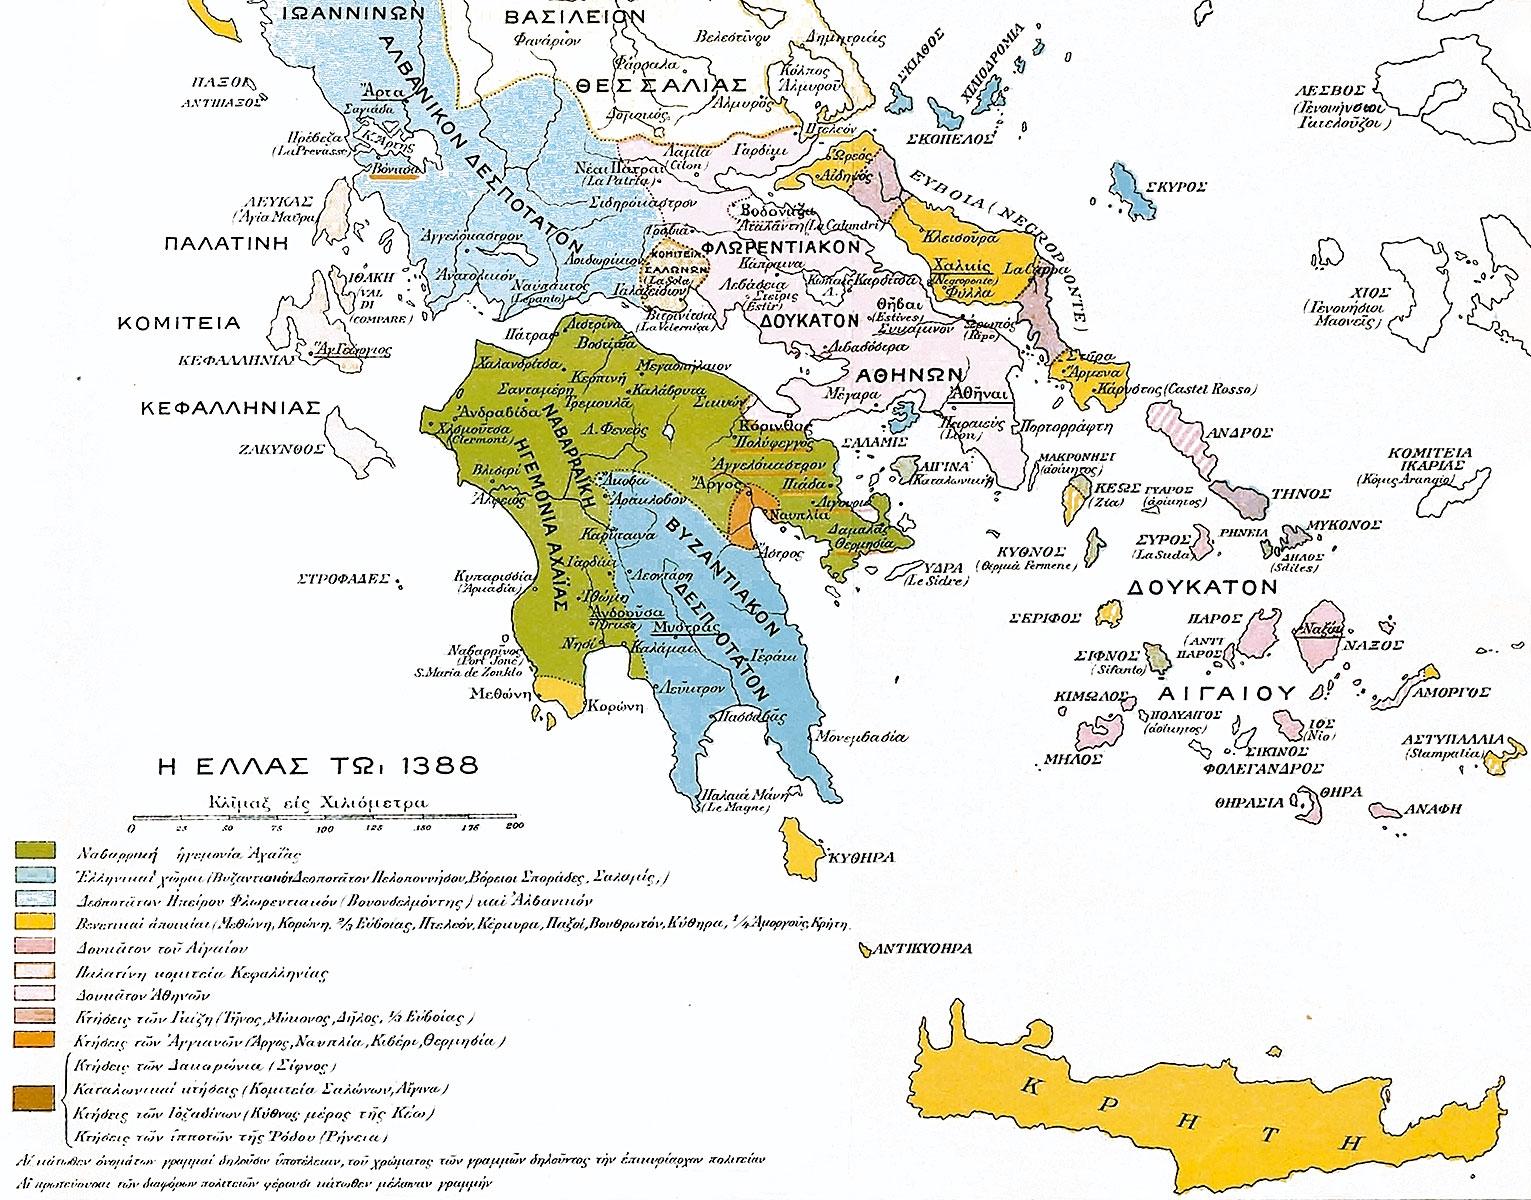 15-Χάρτης-της-Ελλάδας-στα-1388-Πηγή-Ιστορία-της-Φραγκοκρατίας-εν-Ελλάδι,-Ουΐλλιαμ-Μίλλερ